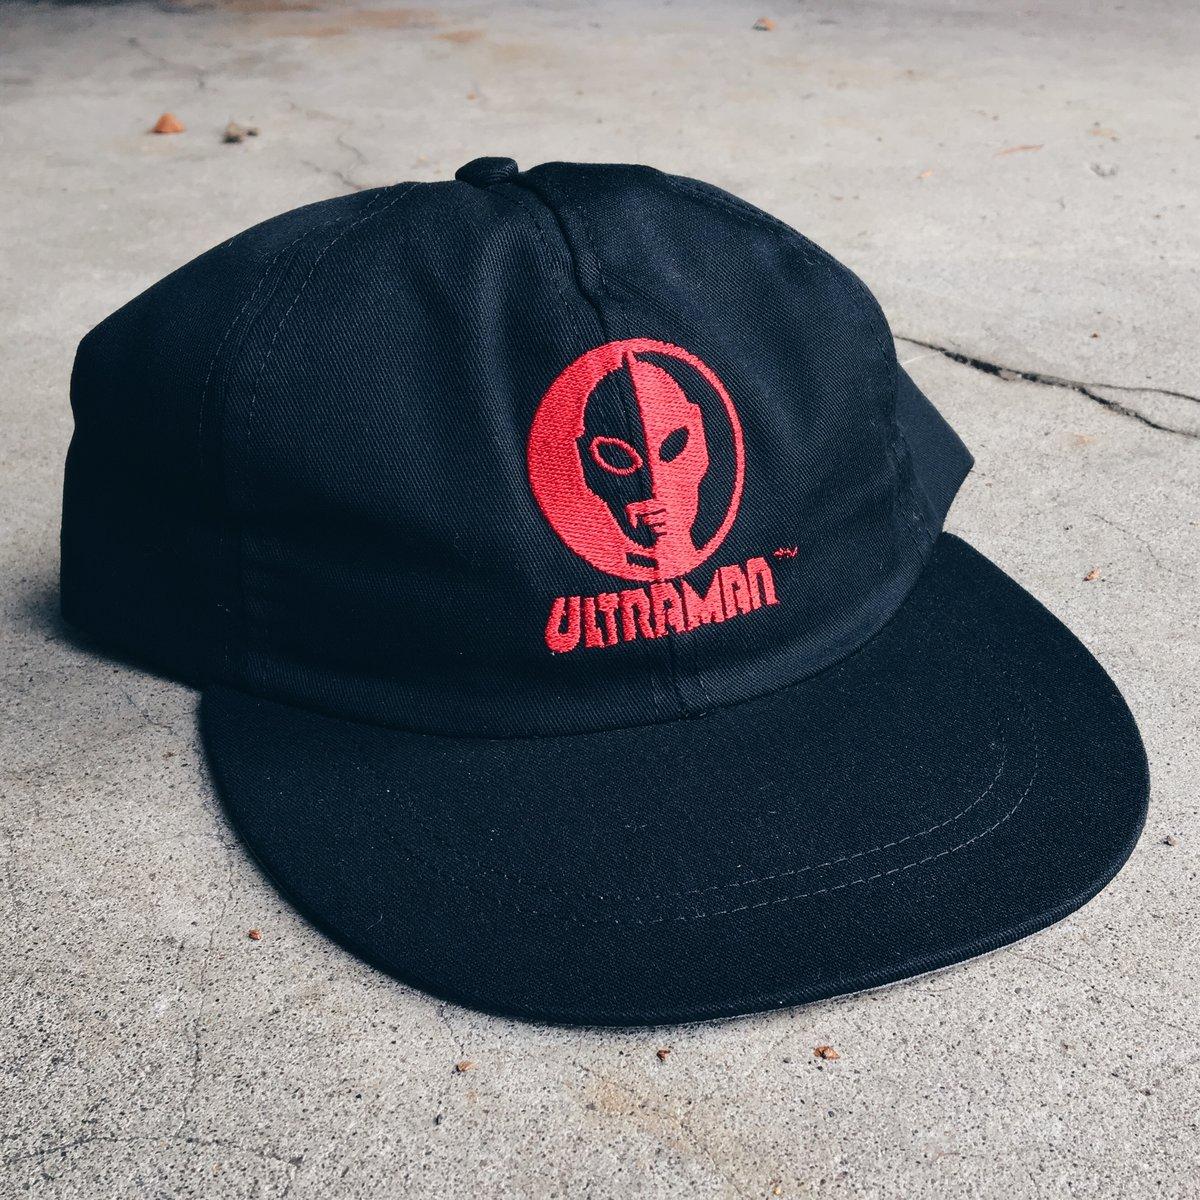 Image of Original 1994 Ultraman Strapback Hat.